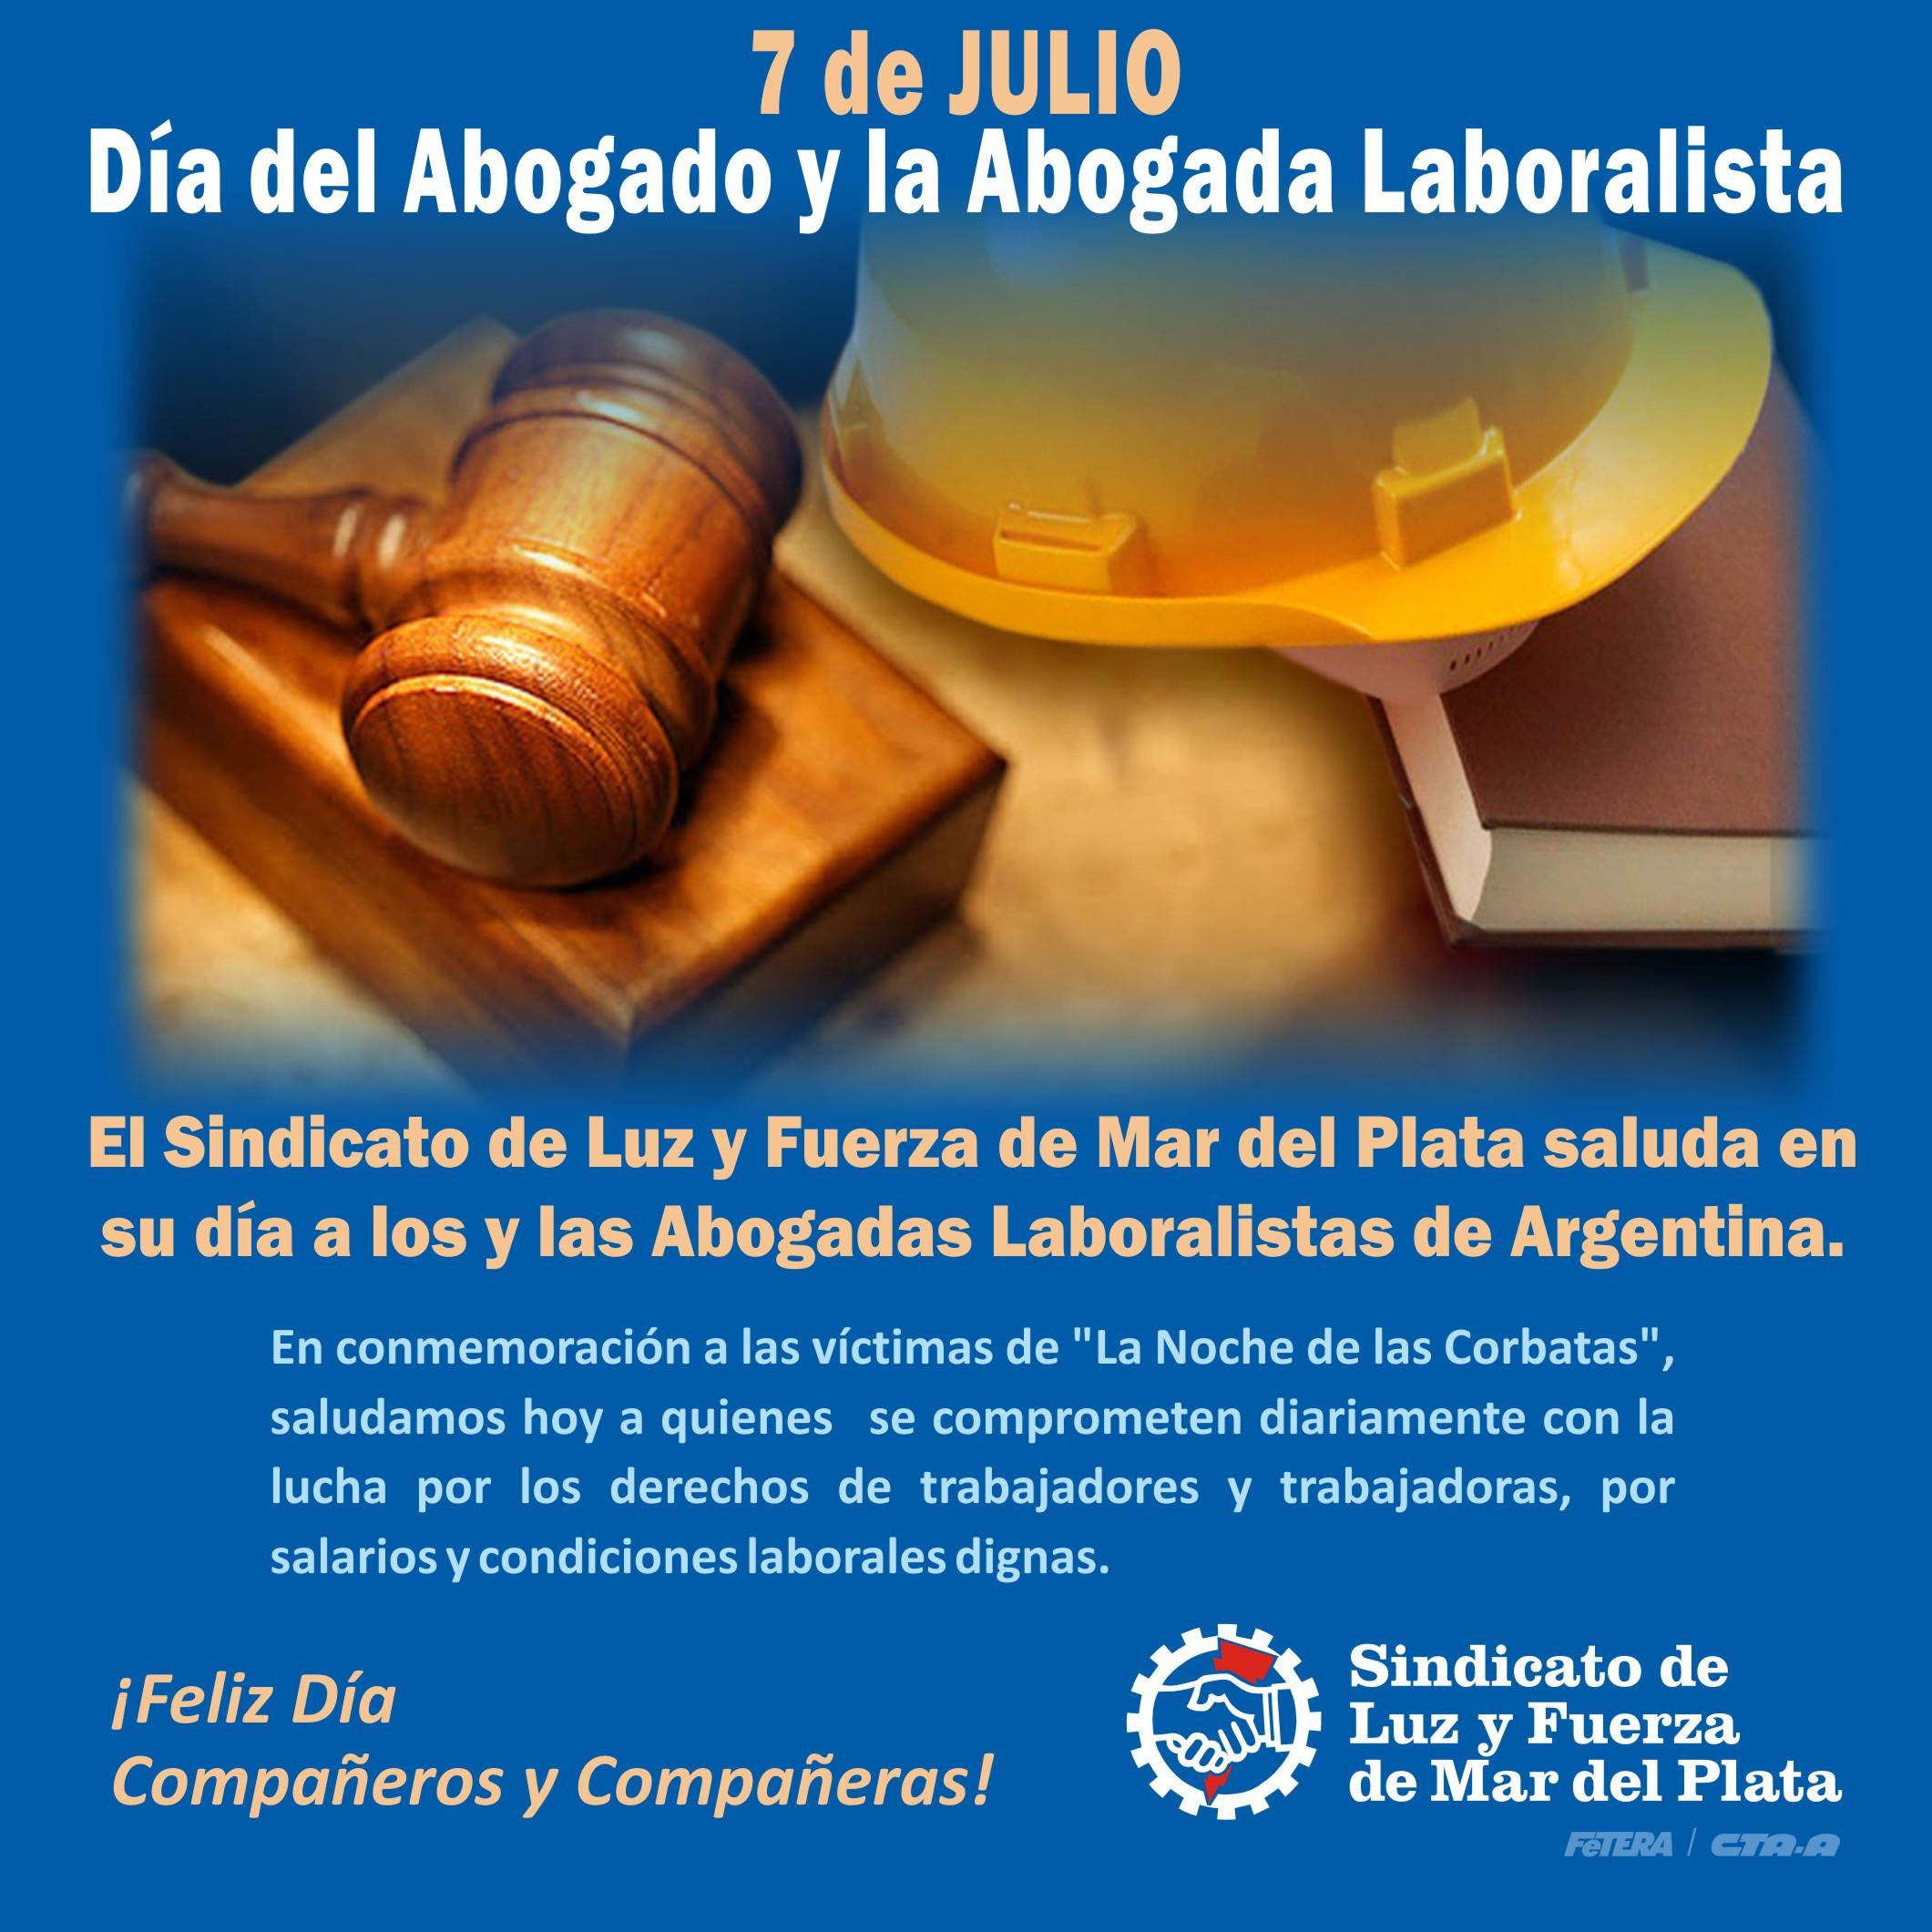 7 de julio: Día del Abogado y la Abogada Laboralista